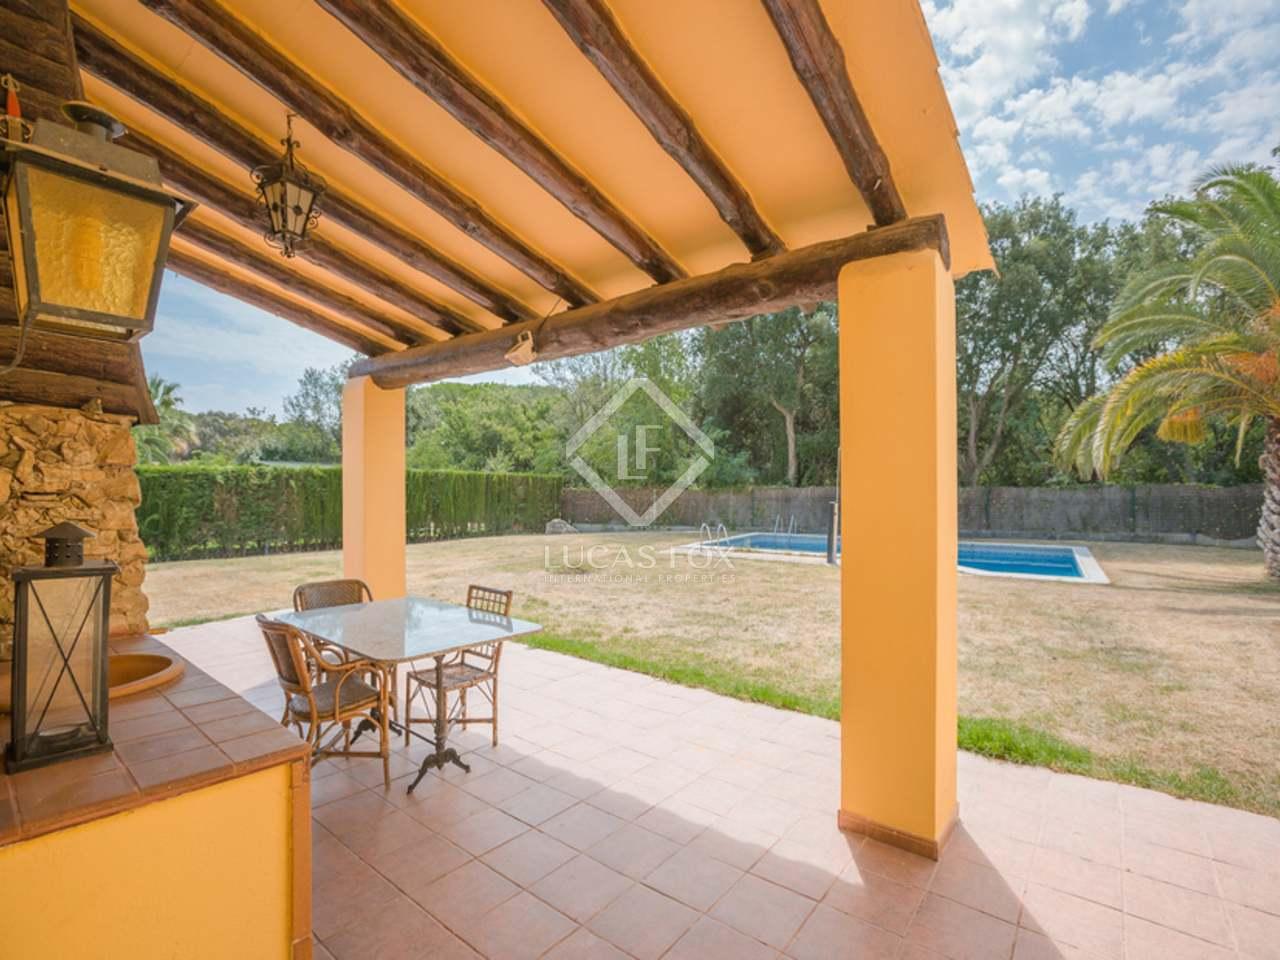 Villa con piscina en venta en mont ras cerca de palafrugell Villa jardin donde queda